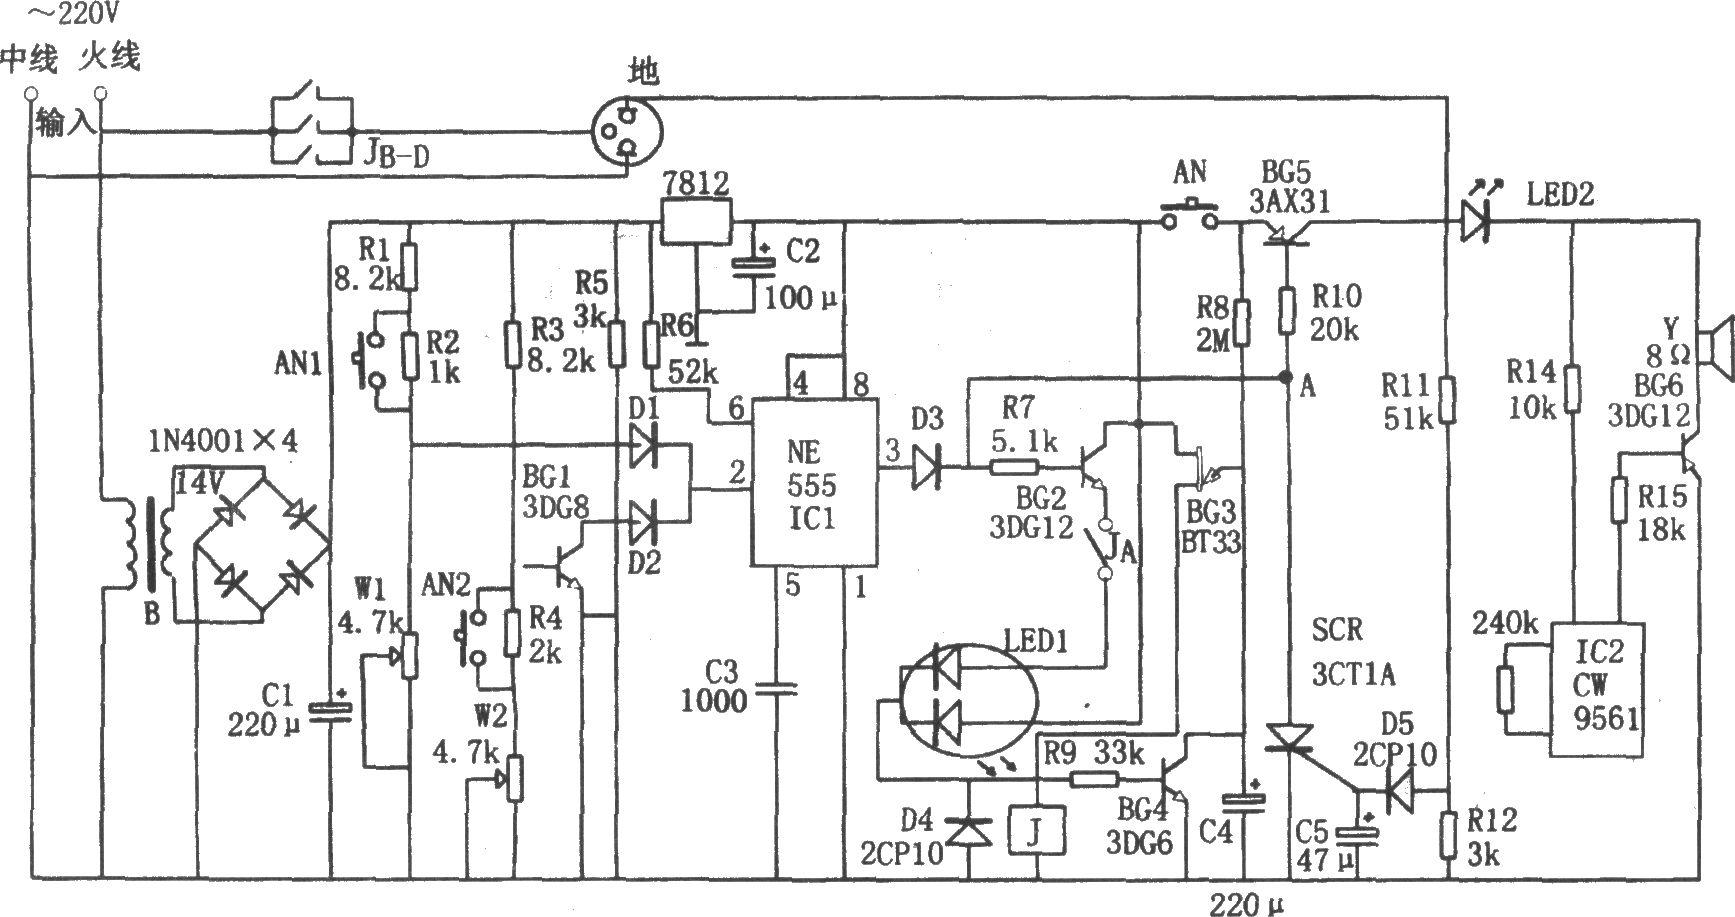 如图所示为全自动电冰箱保护器电路。该保护器由降压整流电路、欠压与过压控制电路、延时电路、漏电检测电路和声光报警电路等组成。其 中降压整流电路为整个电路提供直流电压。 本保护器具有过压和欠压保护、断电延时、漏电自动断电、声光报警等多种功能,从而可避免对电冰箱造成意外的损伤。